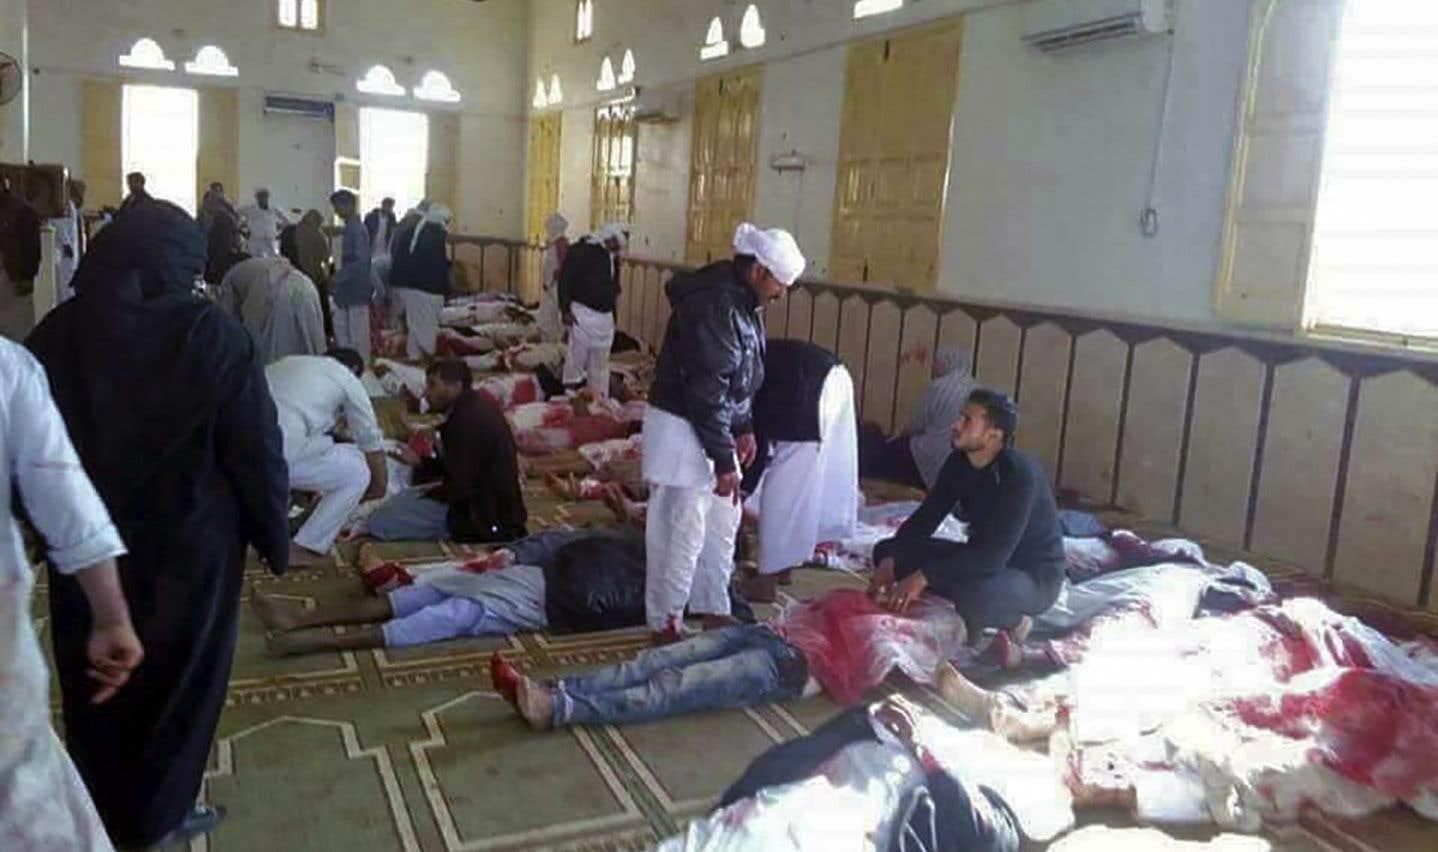 Dans la mosquée al-Rawda, dans le village de Bir al-Abed, après l'attentat qui a fait plus de 235 morts